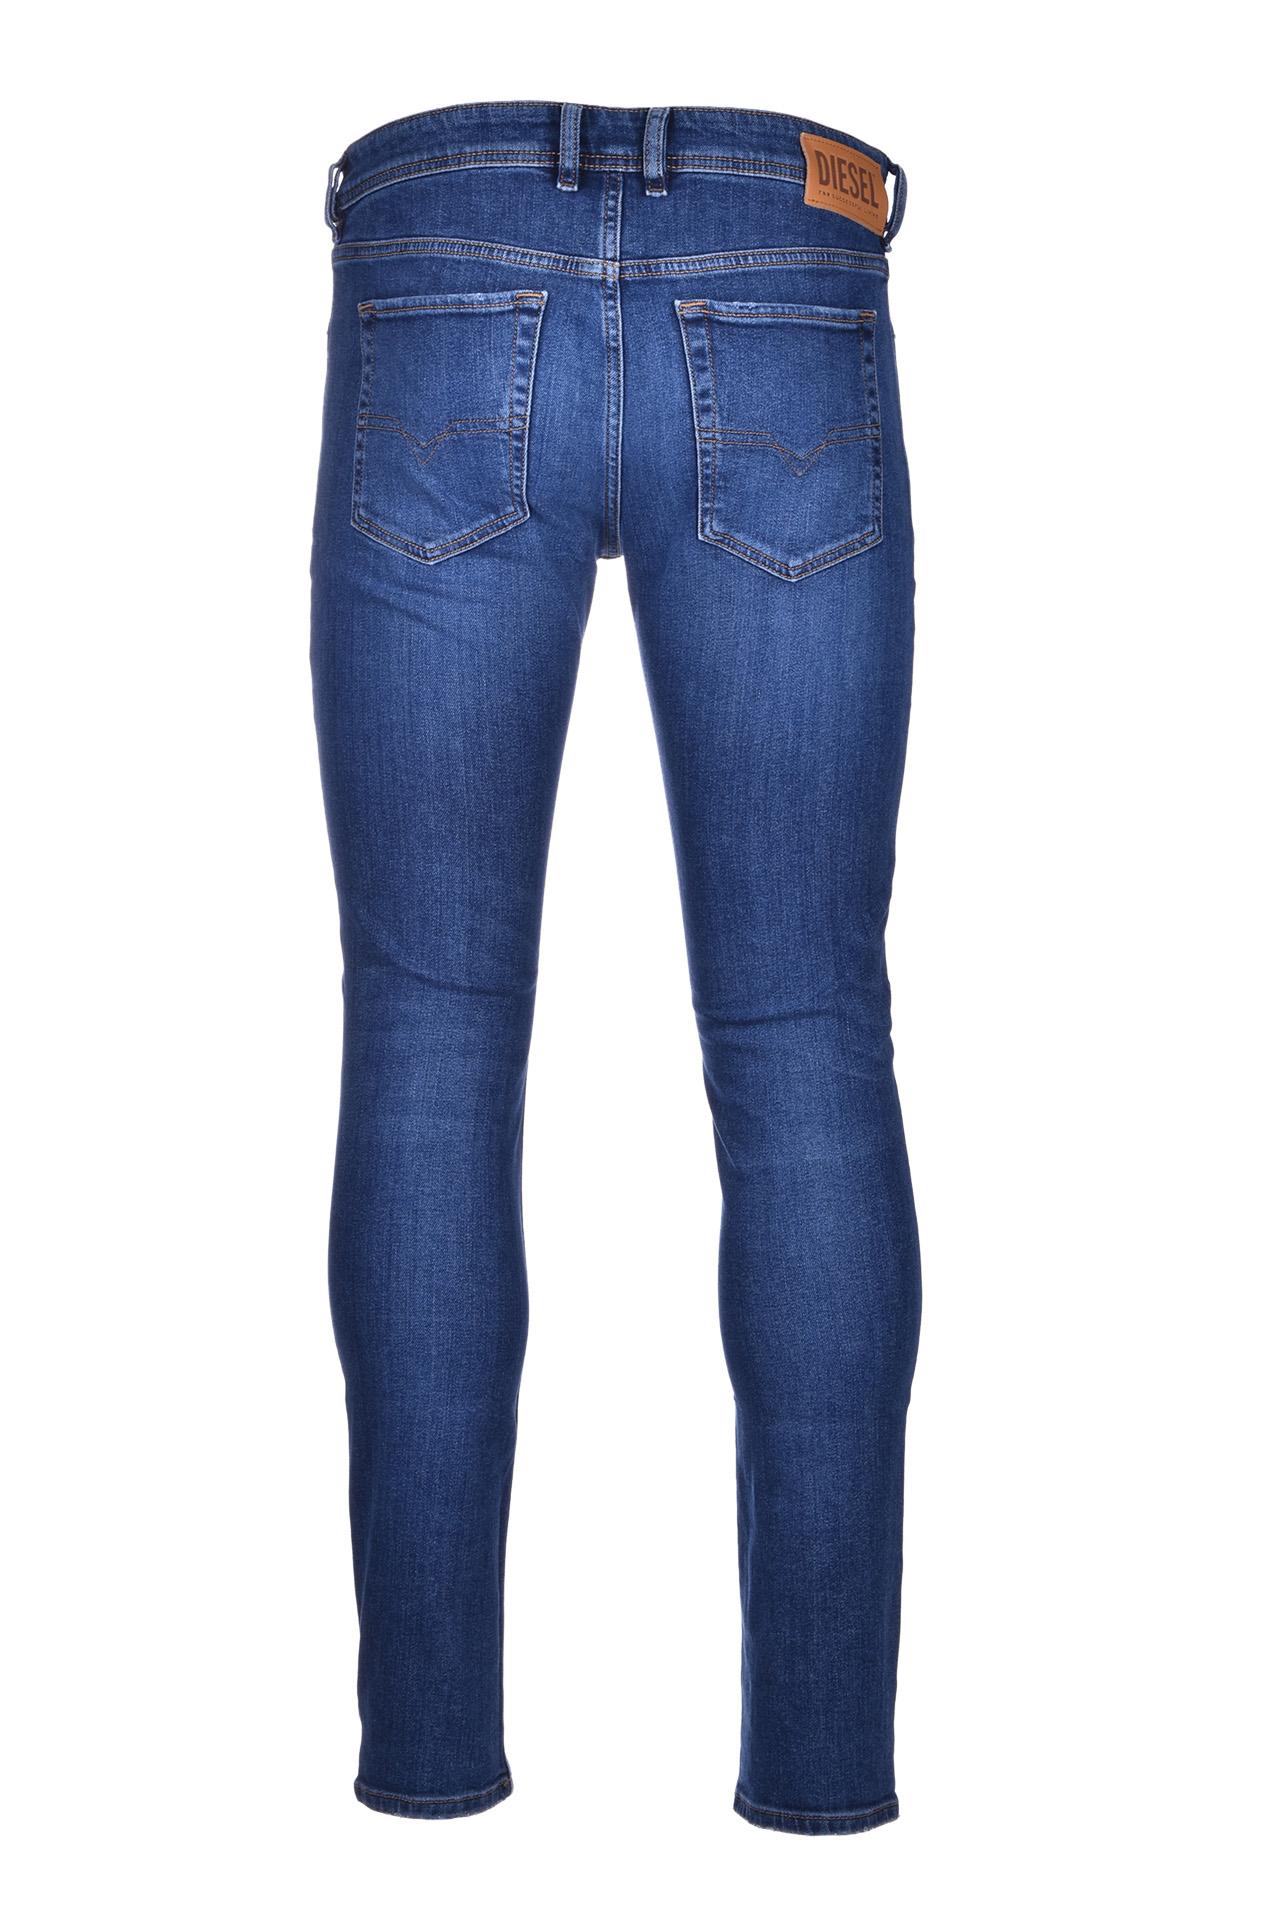 jeans sleenker-x l.30 - blu scuro DIESEL | Jeans | 00SWJE 0097T01